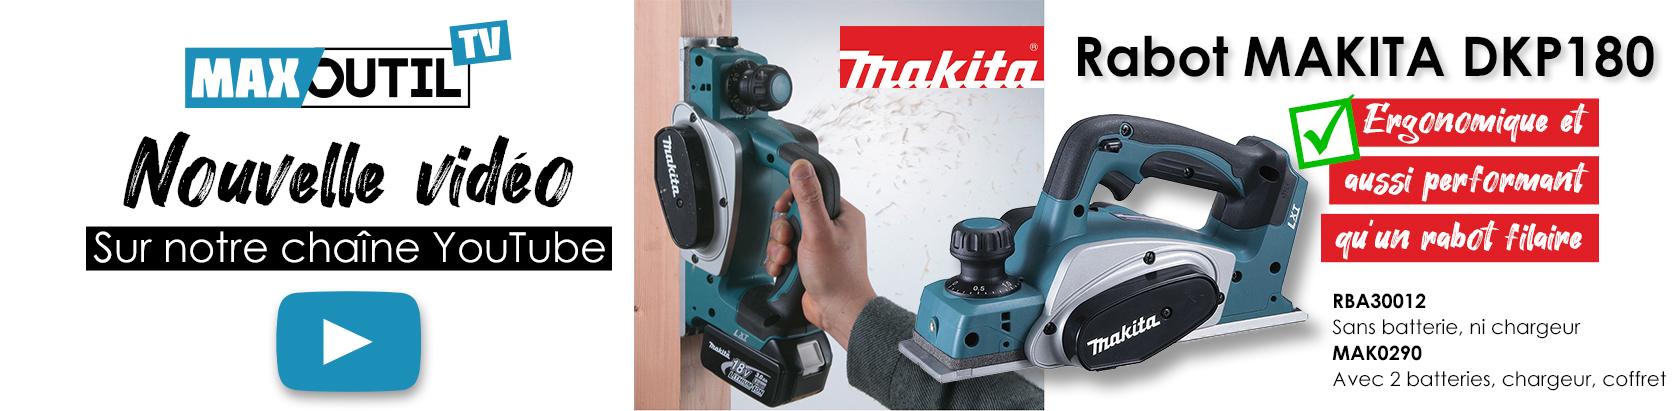 MaxoutilTV DKP180